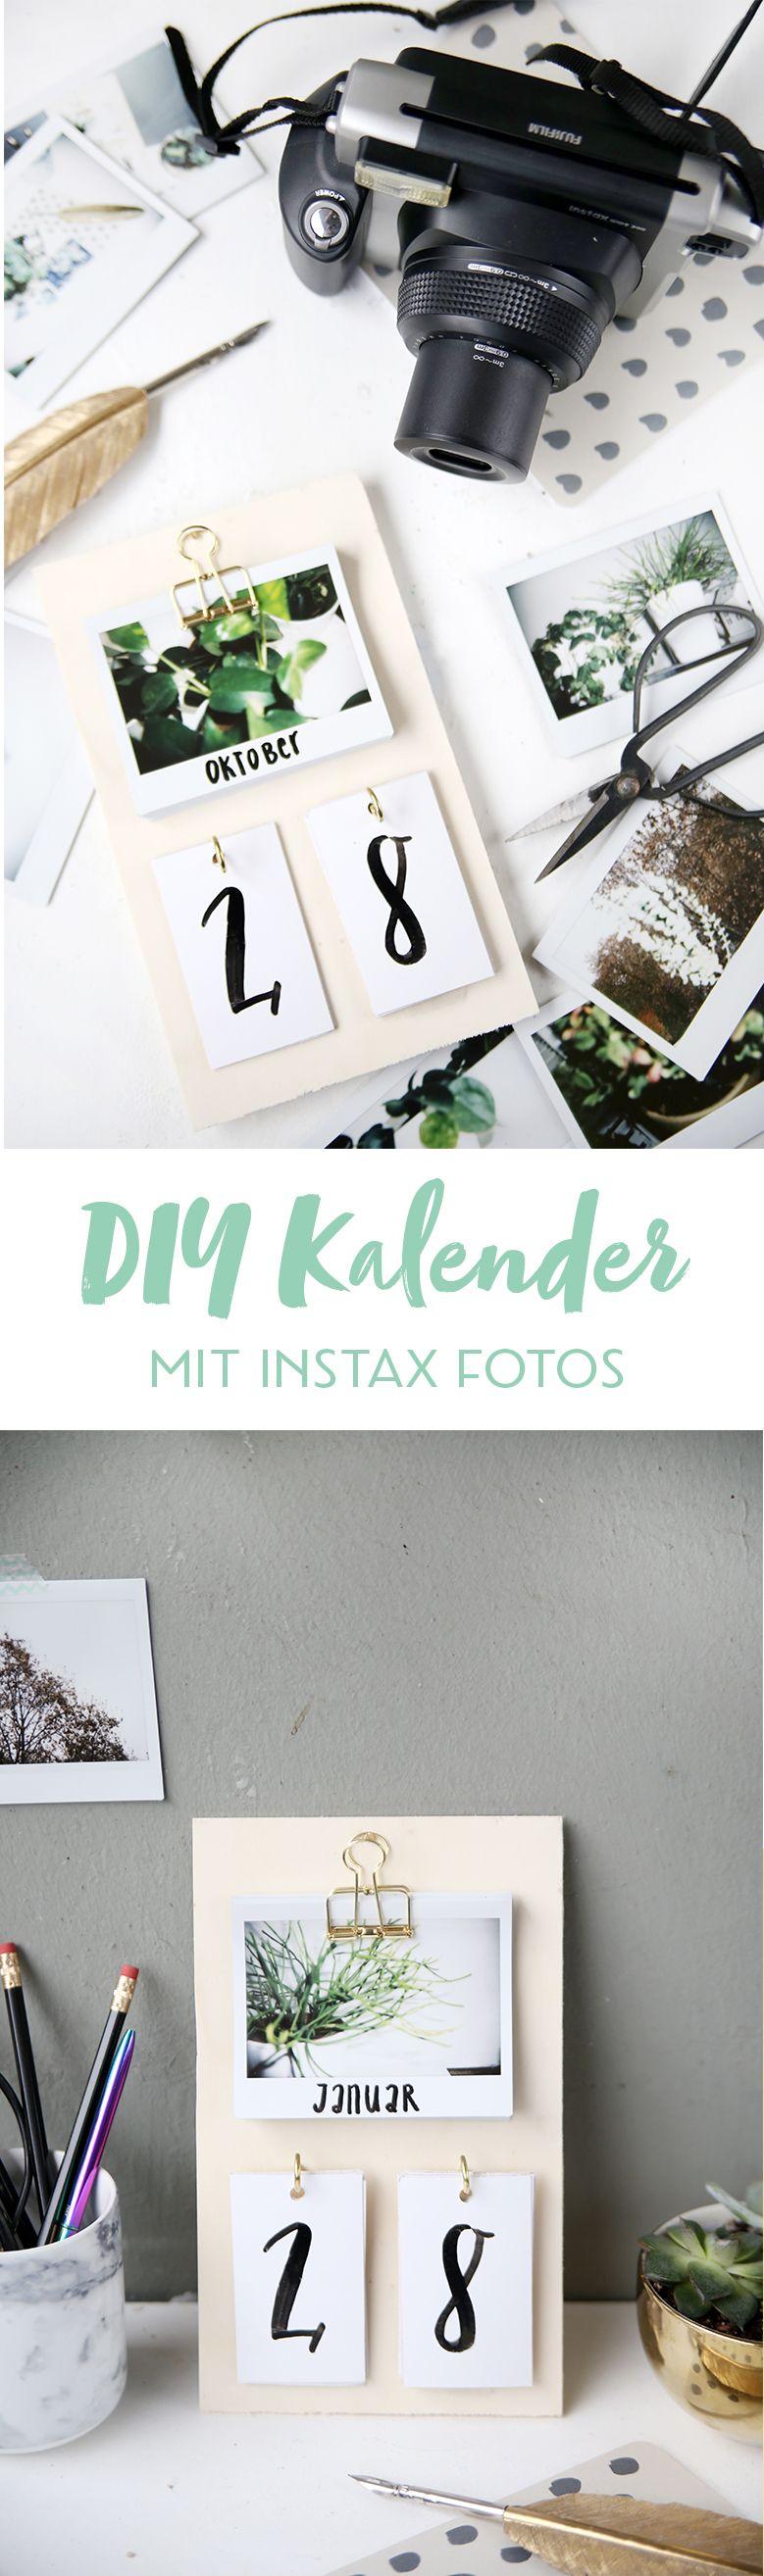 diy schreibtisch kalender mit instax fotos selbstgemacht diy basteln diy kalender und. Black Bedroom Furniture Sets. Home Design Ideas